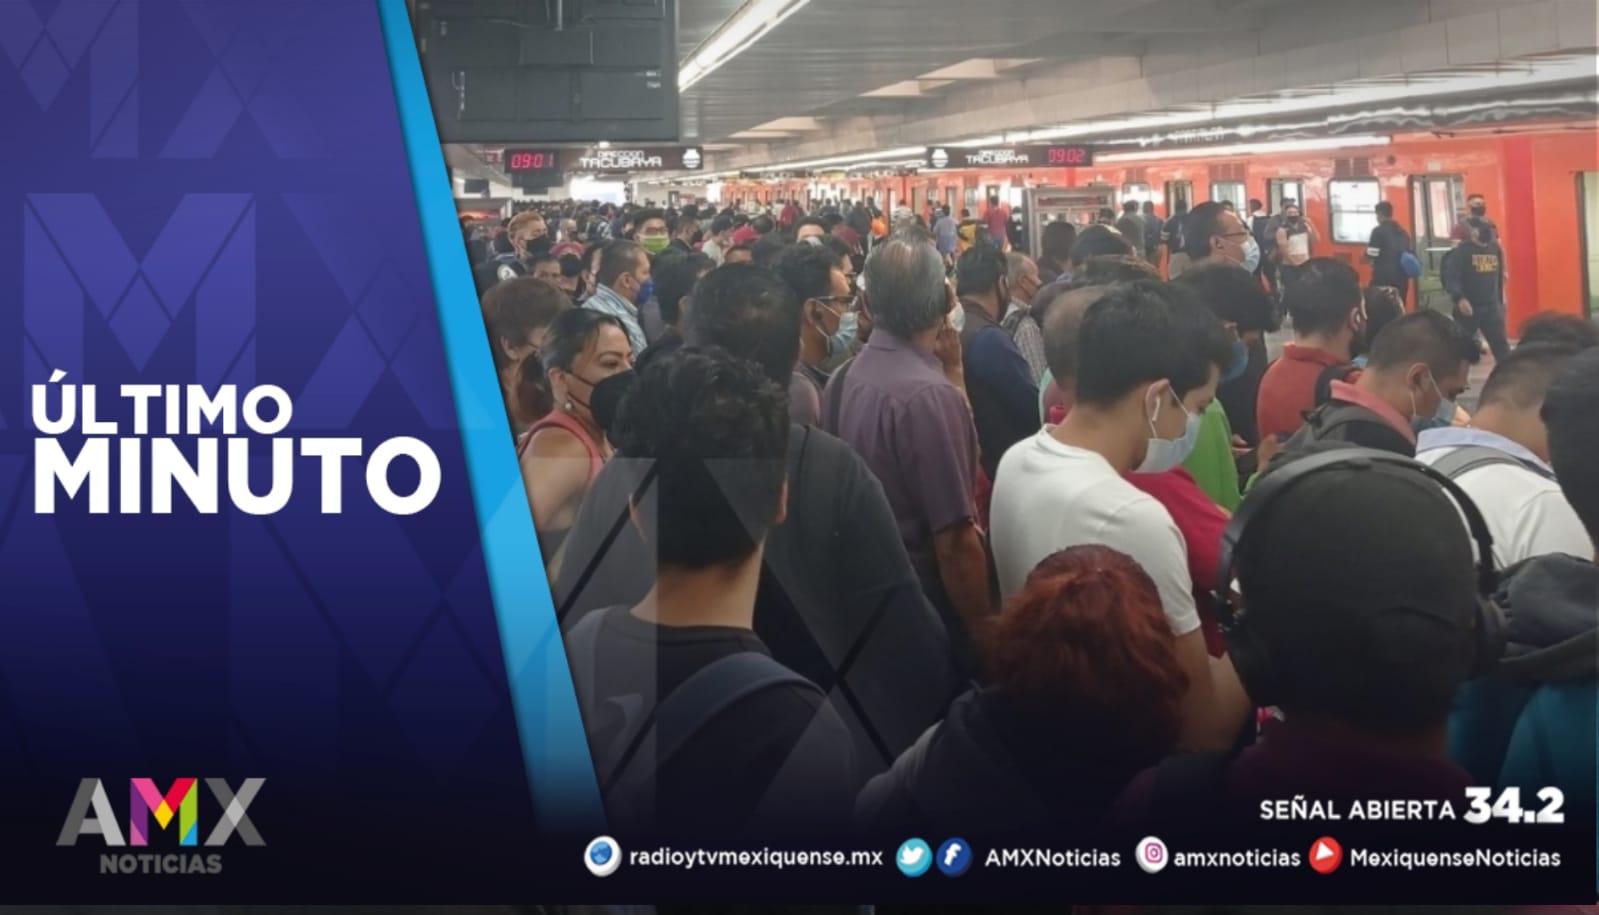 MÉXICO INICIA EL MES DE MAYO CON 24 MIL 897 CASOS ACTIVOS DE COVID-19